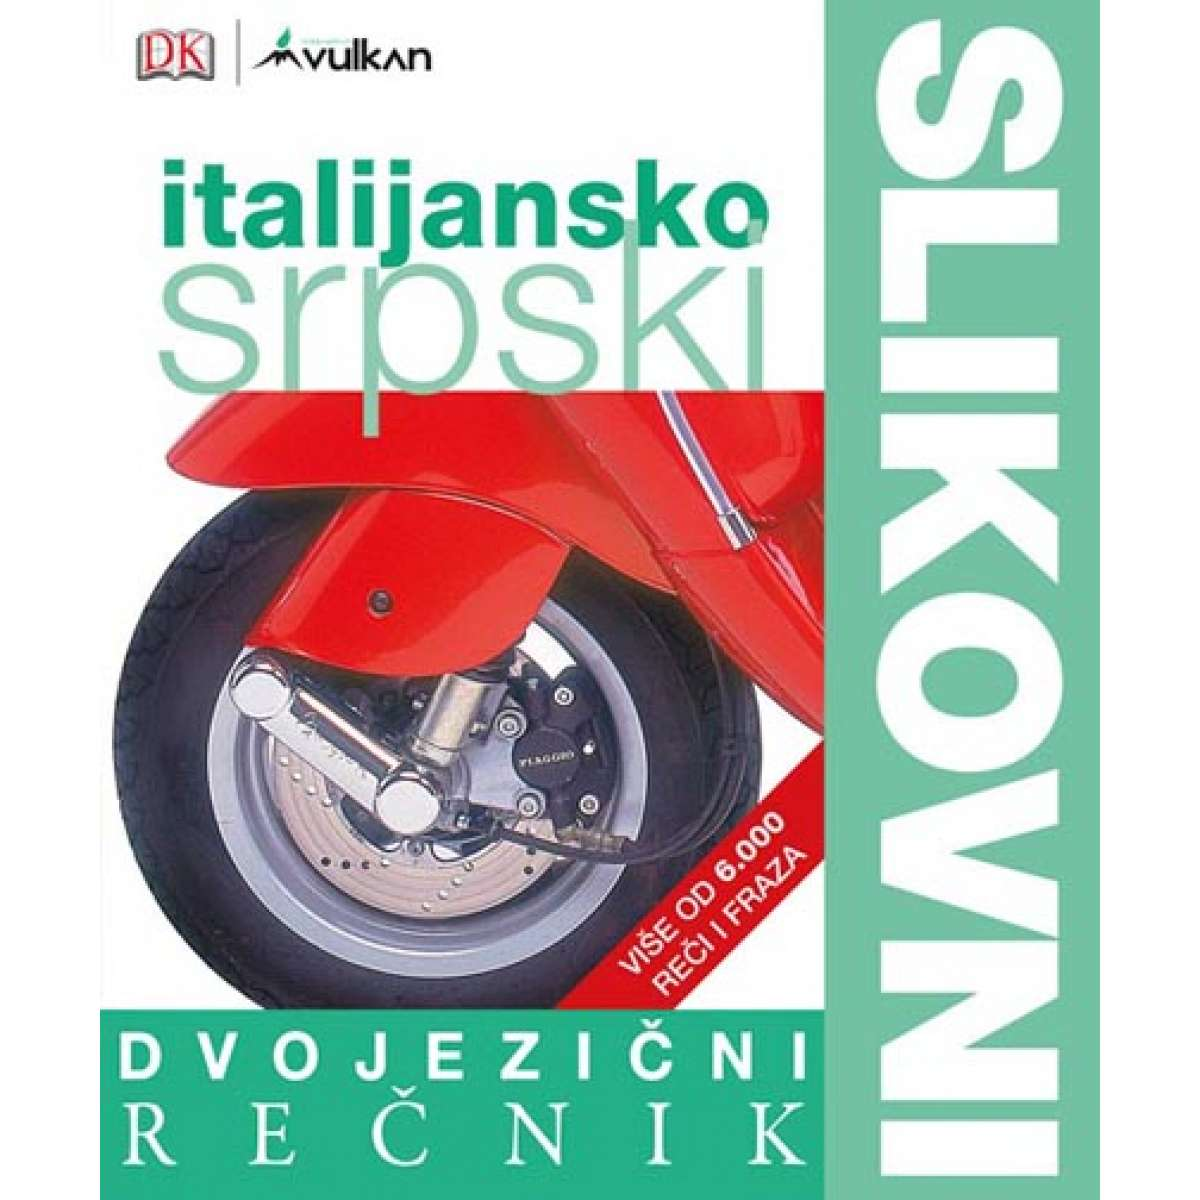 DVOJEZIČNI SLIKOVNI REČNIK:ITALIJANSKO-SRPSKI